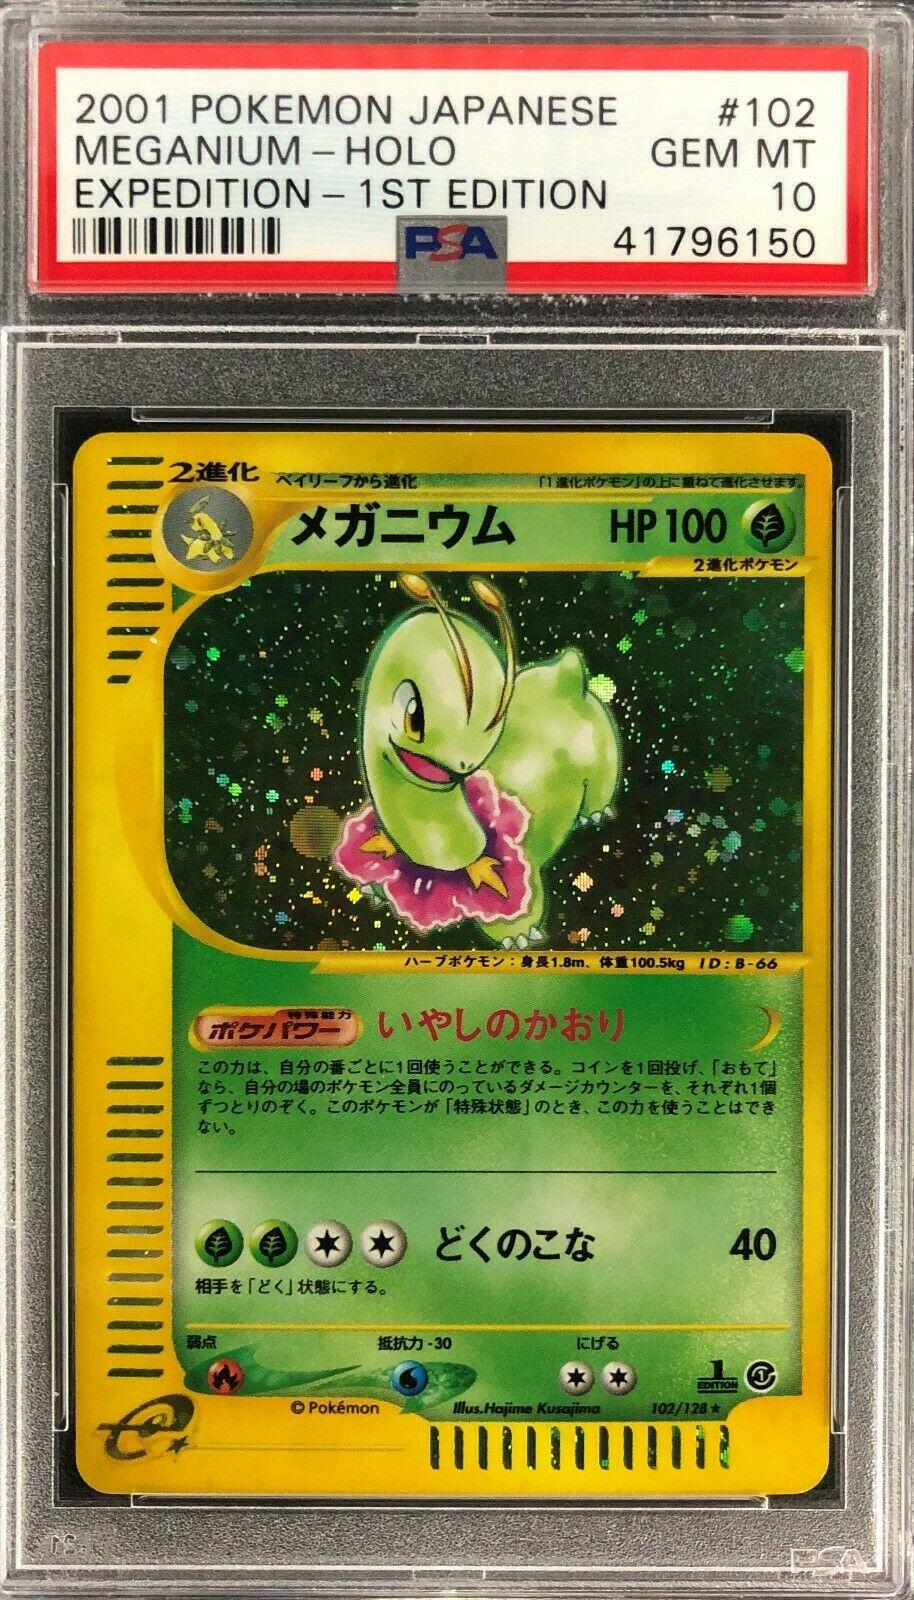 1st Edition Japanese Meganium Expedition Holo Shiny Pokemon Card Mint PSA 10